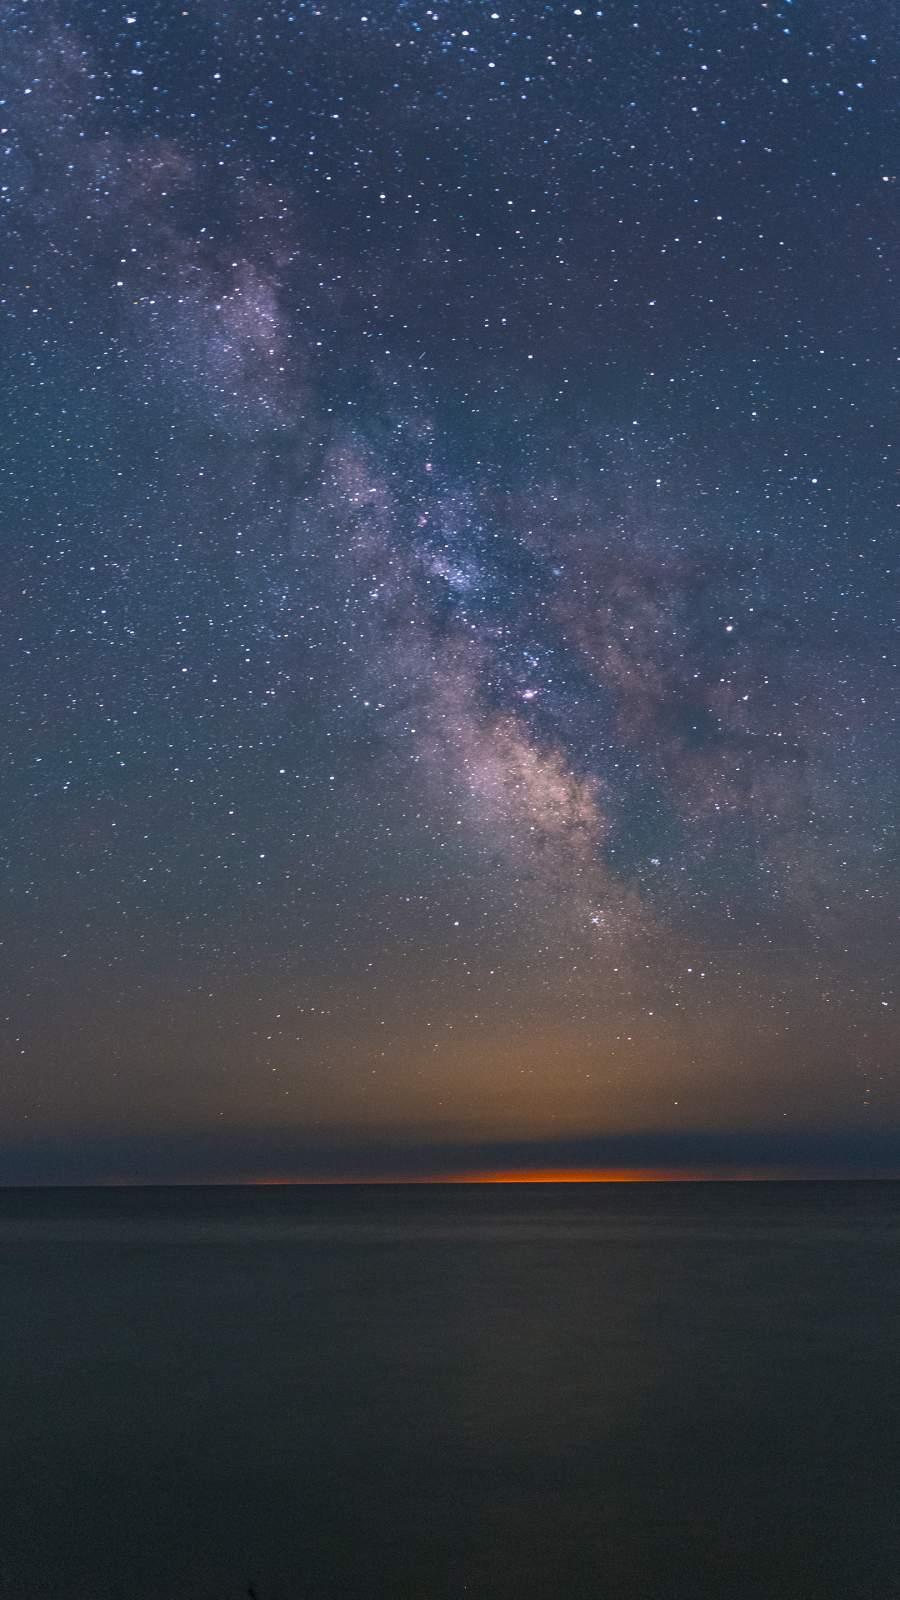 Milkyway from Ocean iPhone Wallpaper